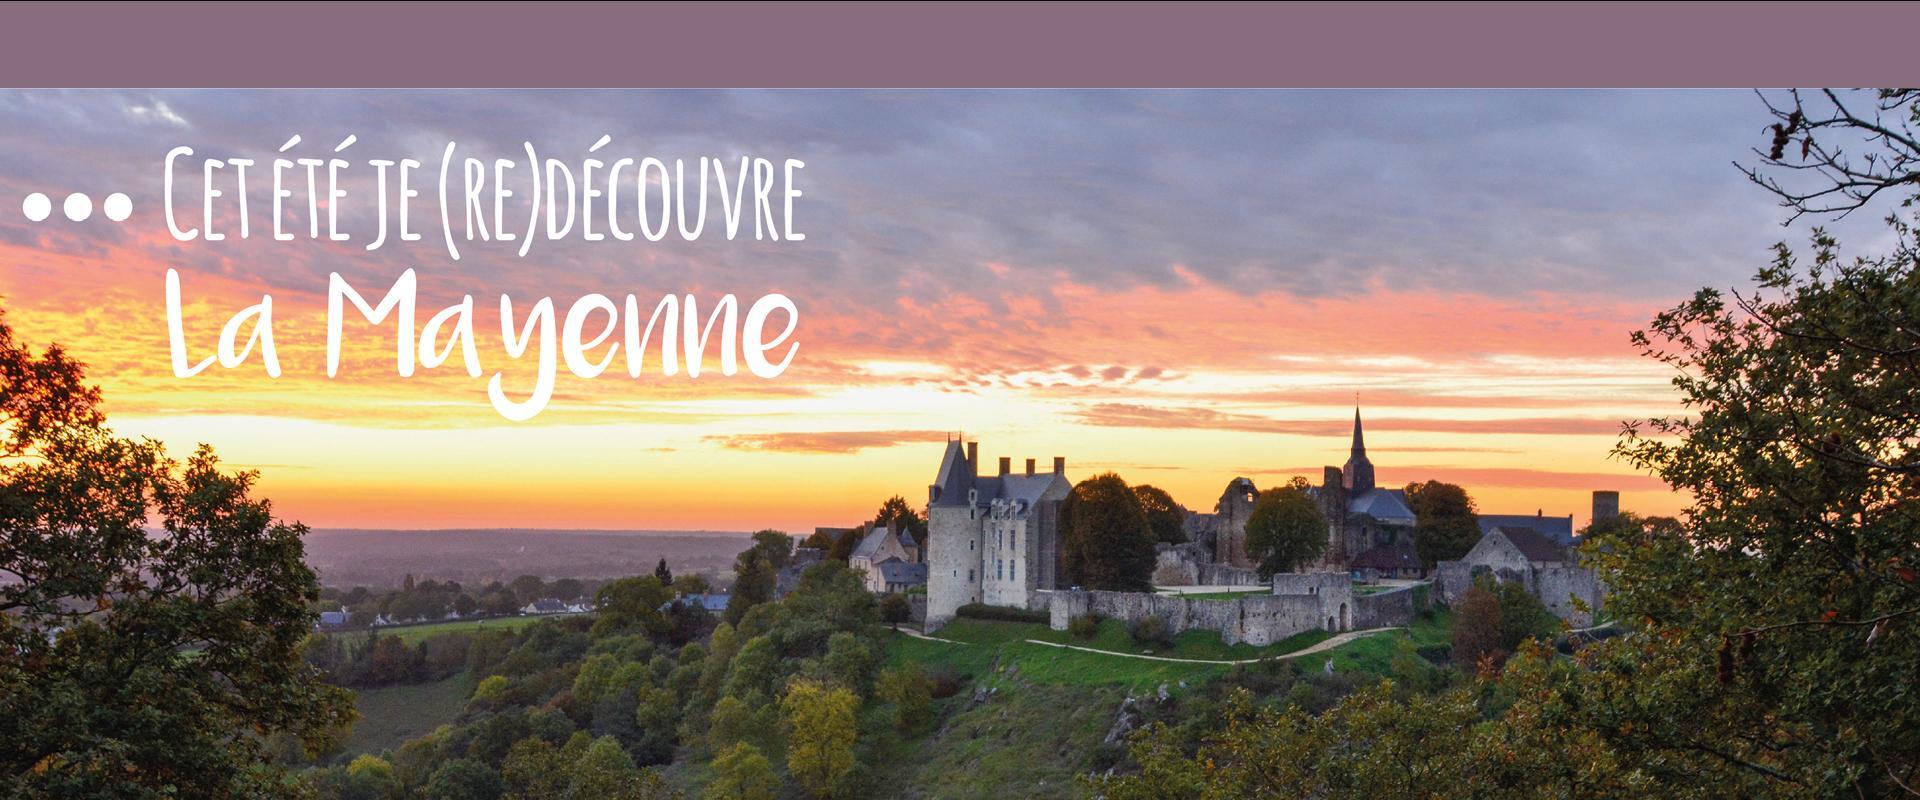 Cet été je redécouvre la Mayenne